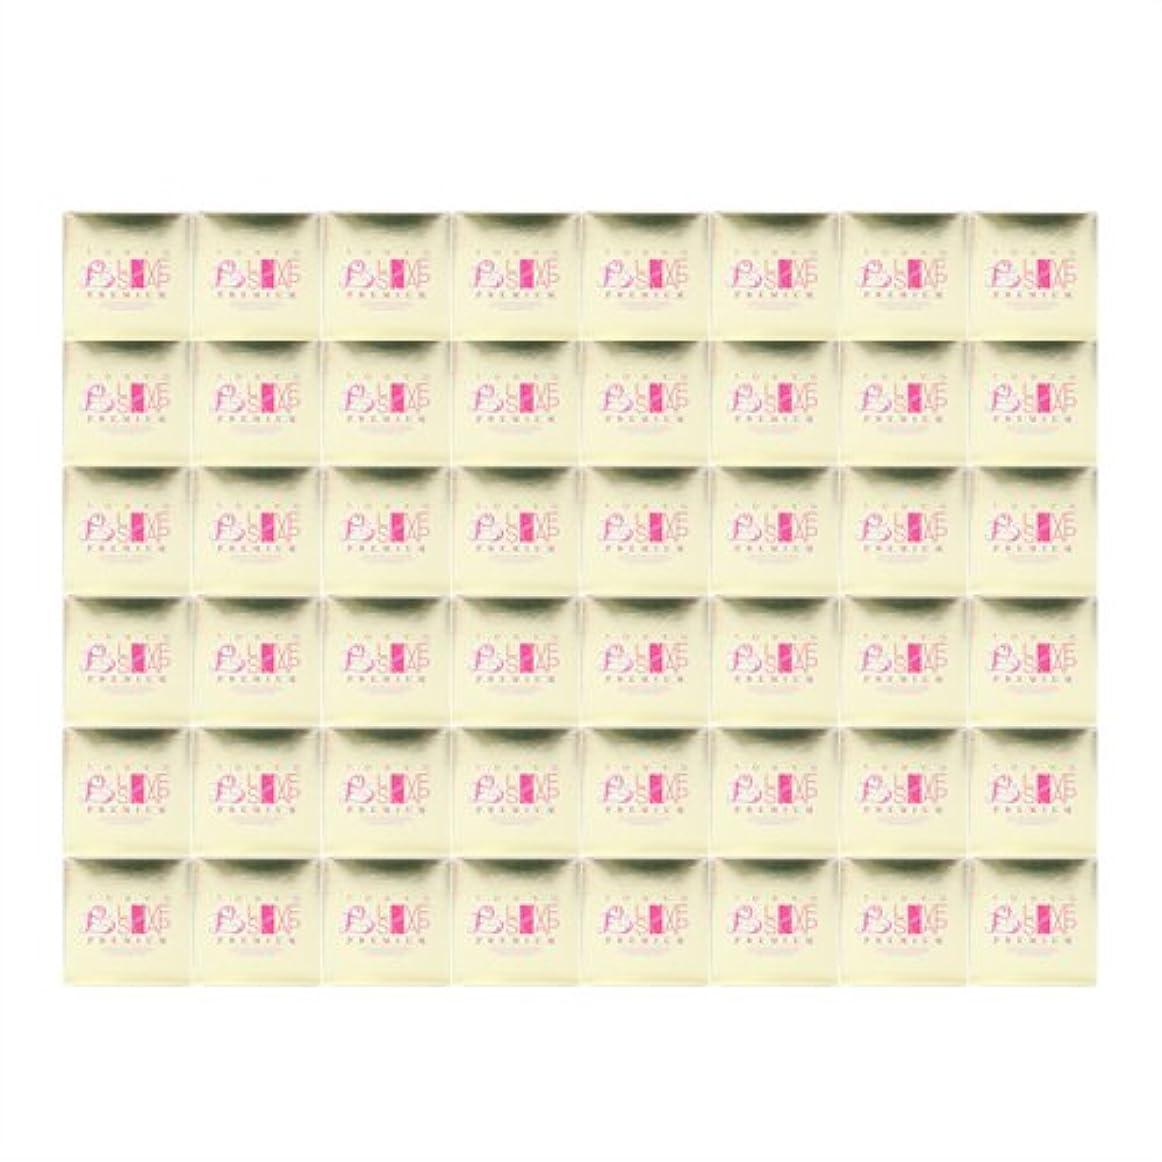 偶然の爆風キウイ東京ラブソープ プレミアム (100g) 1ケース(48個入り)